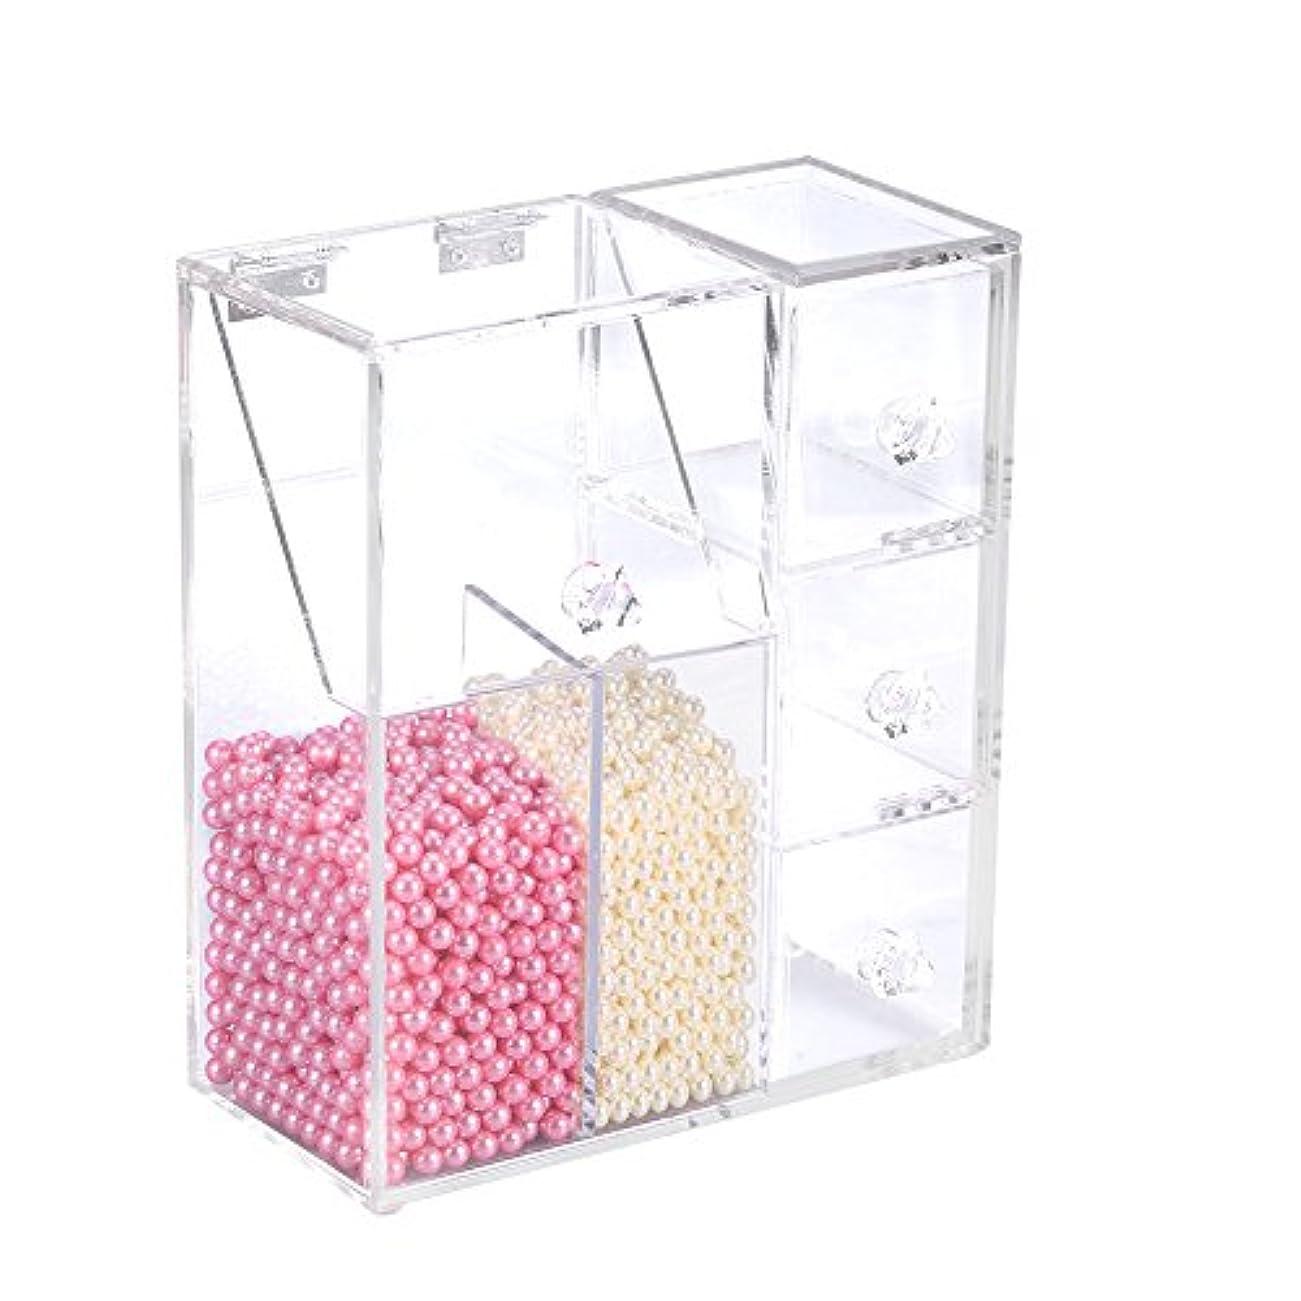 シソーラス個性コッククリアアクリル化粧ブラシ収納ボックスホルダー化粧品オーガナイザーコンテナケースラック